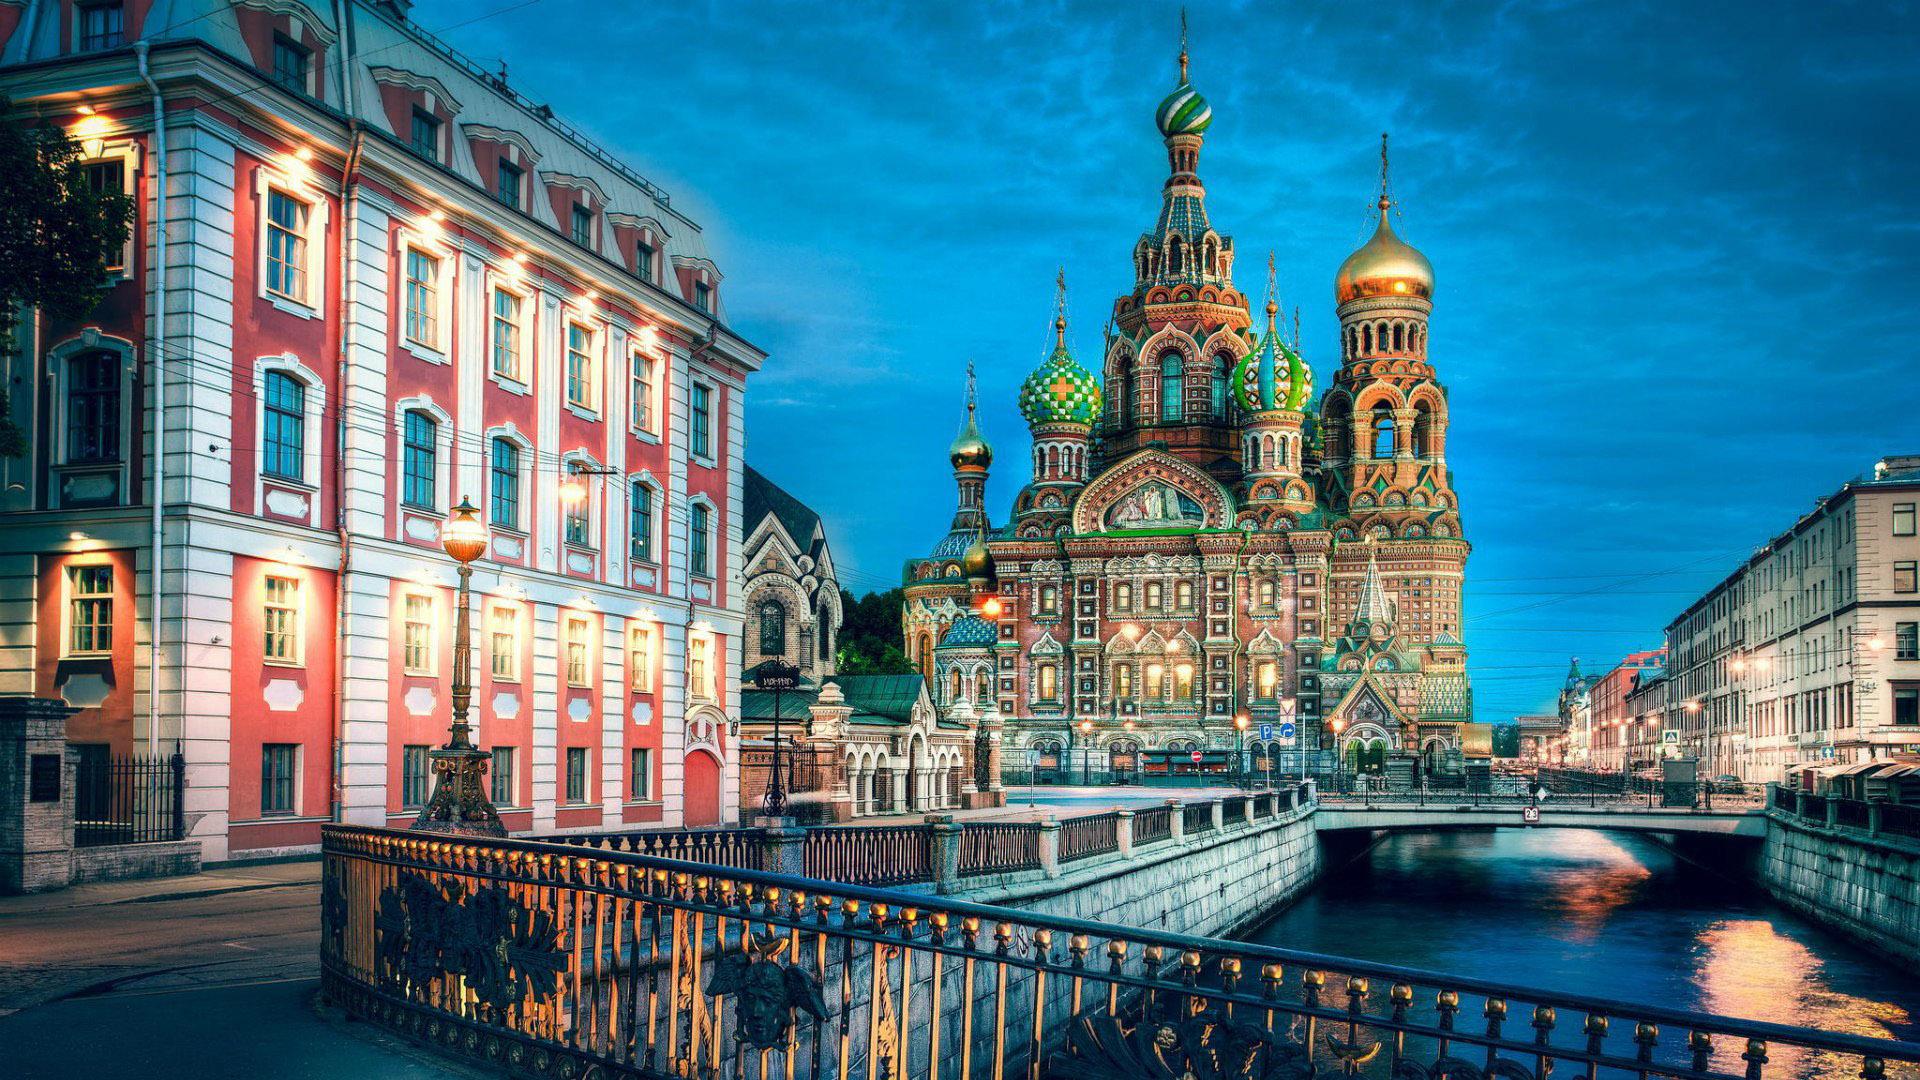 25η Μαρτίου / Πάσχα - Αγία Πετρούπολη / Μόσχα (Προσφορά early booking)